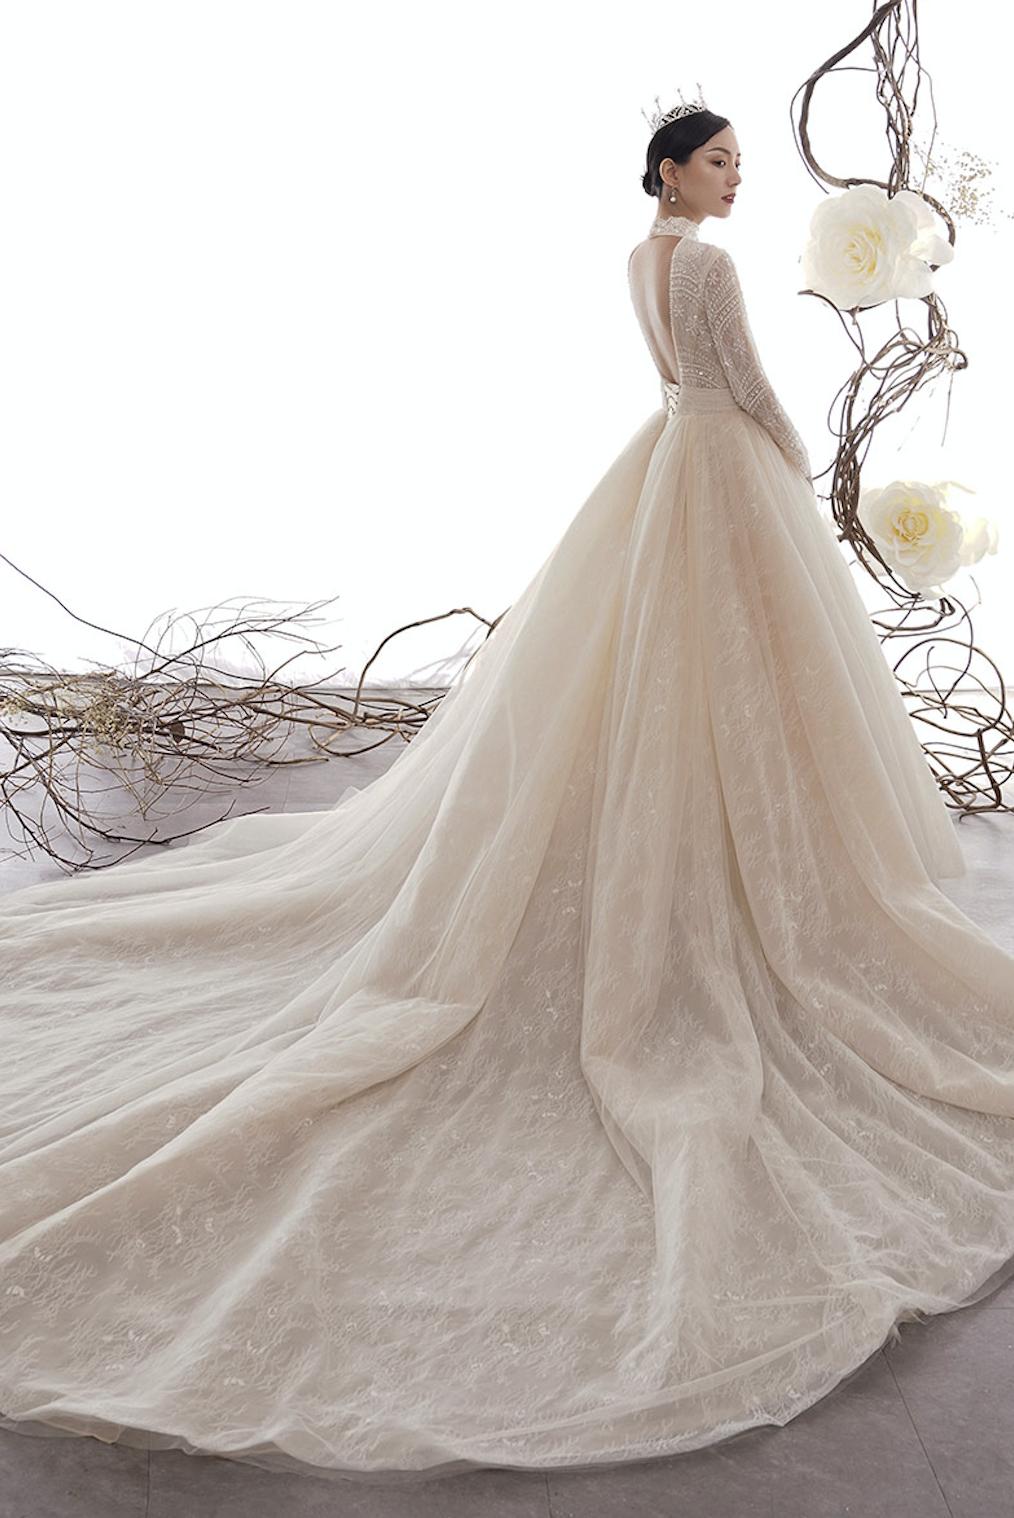 Brautkleid im royalen Prinzessinnenstil mit langer